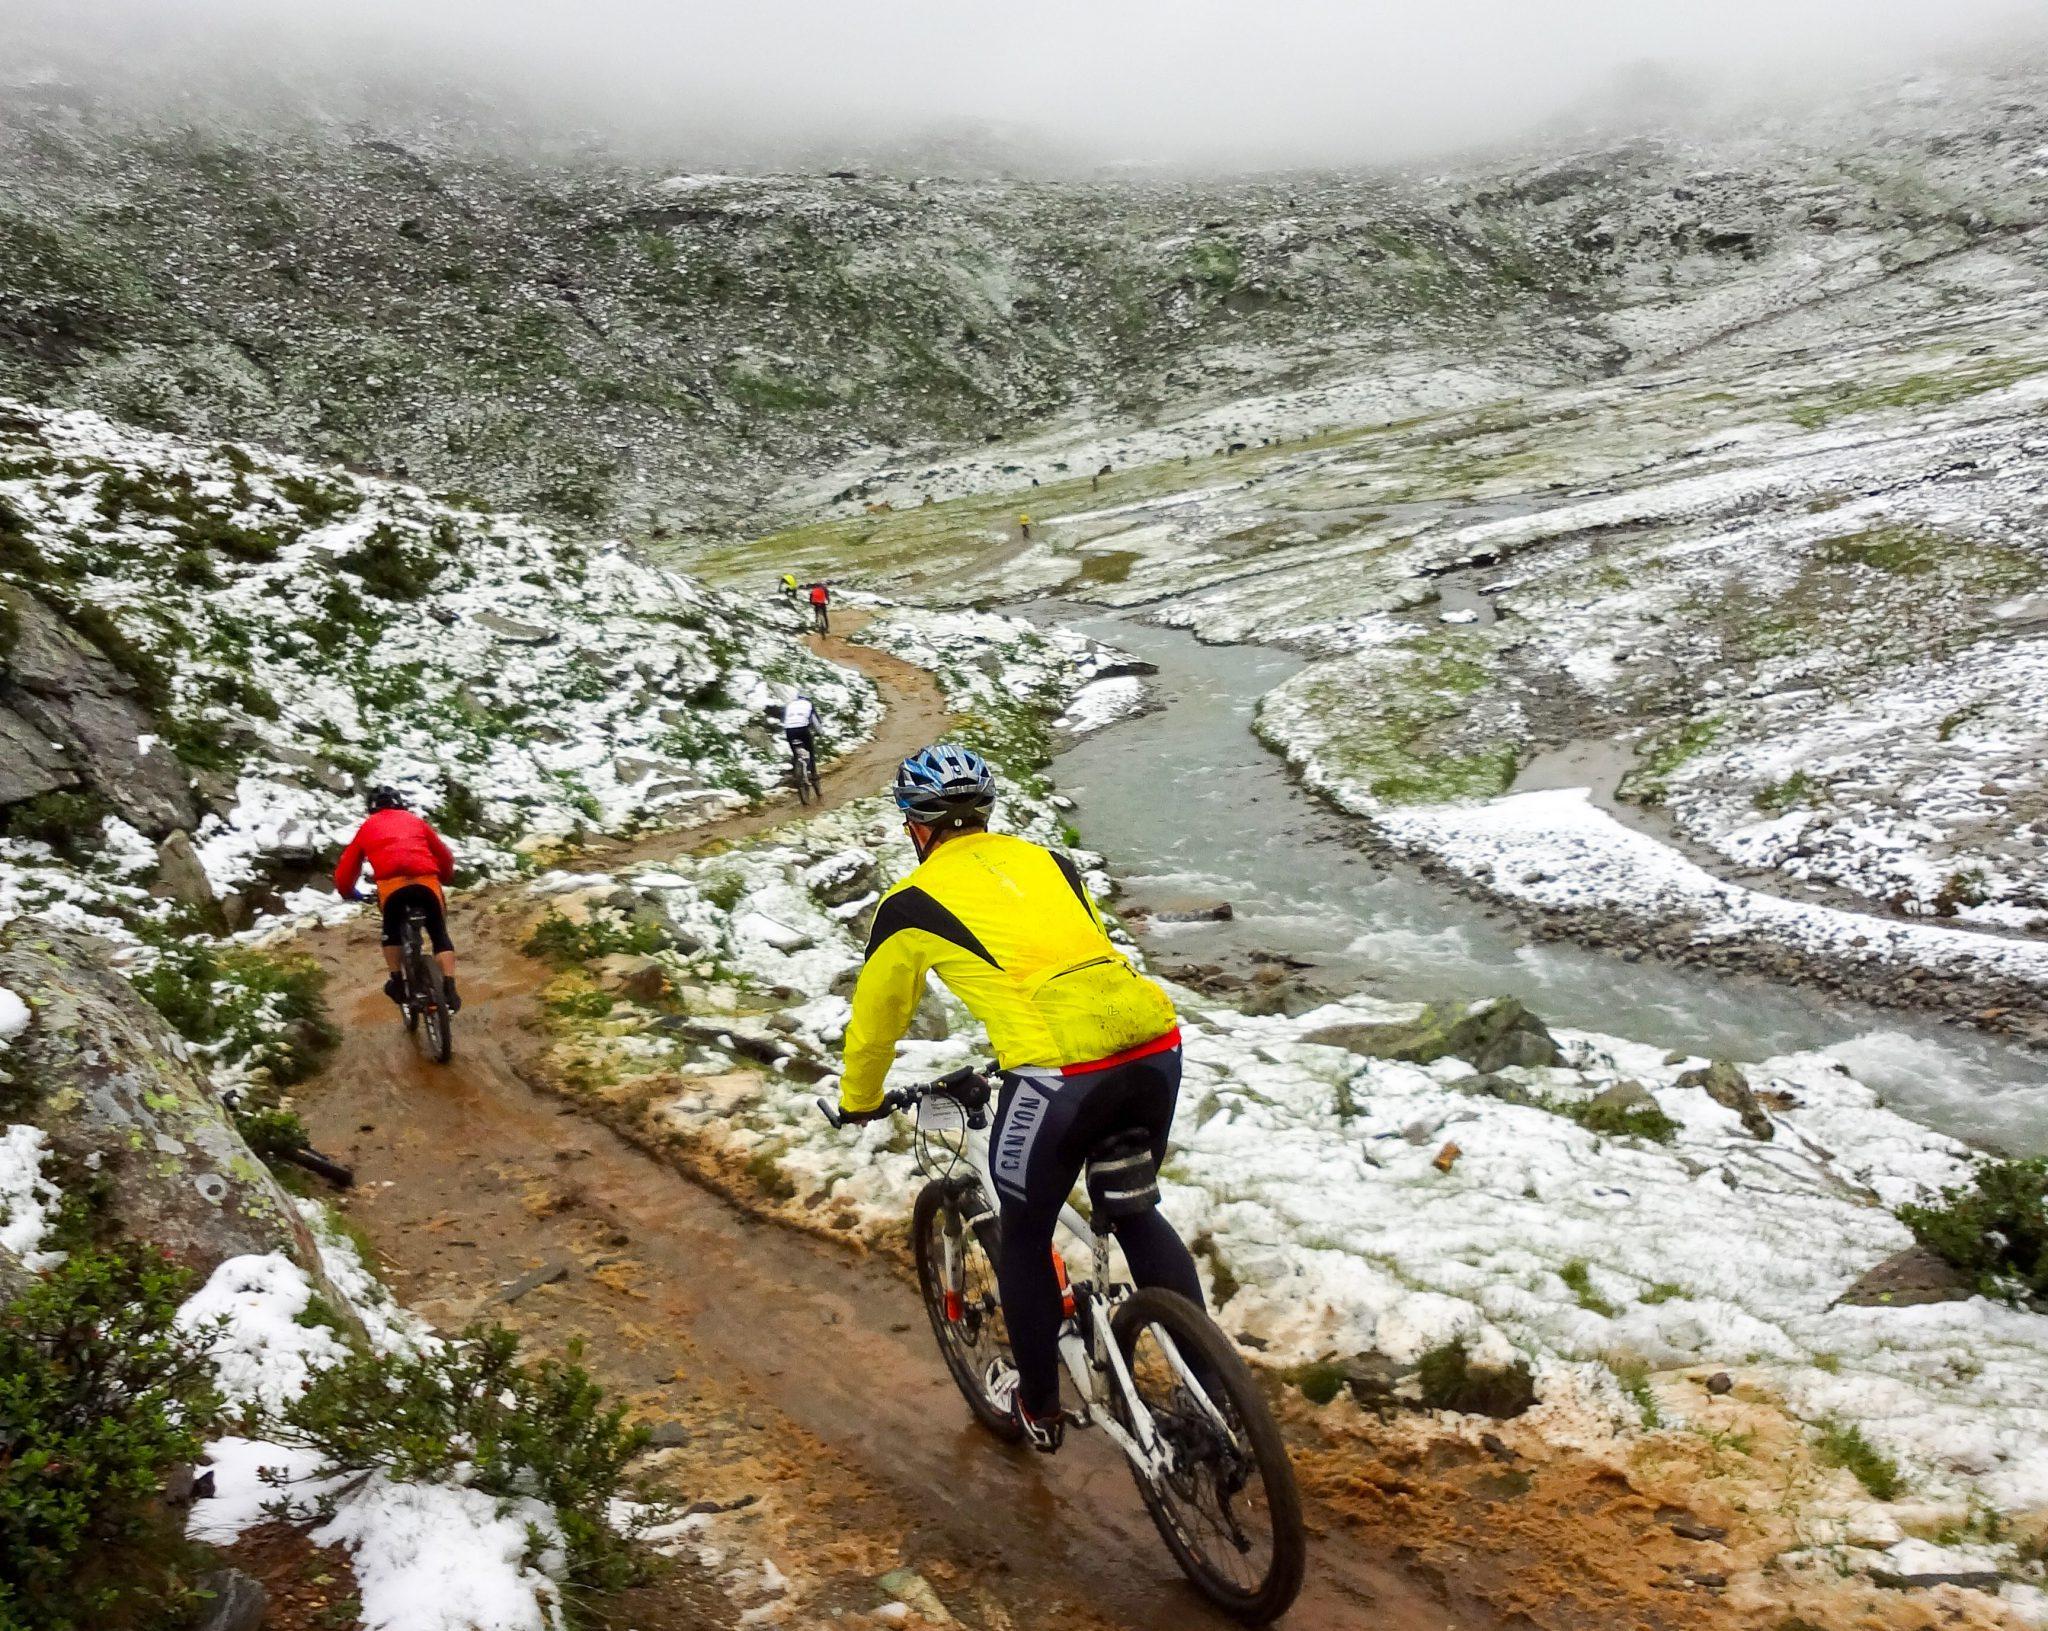 Test mountainbikeverlichting - ridez.cc |